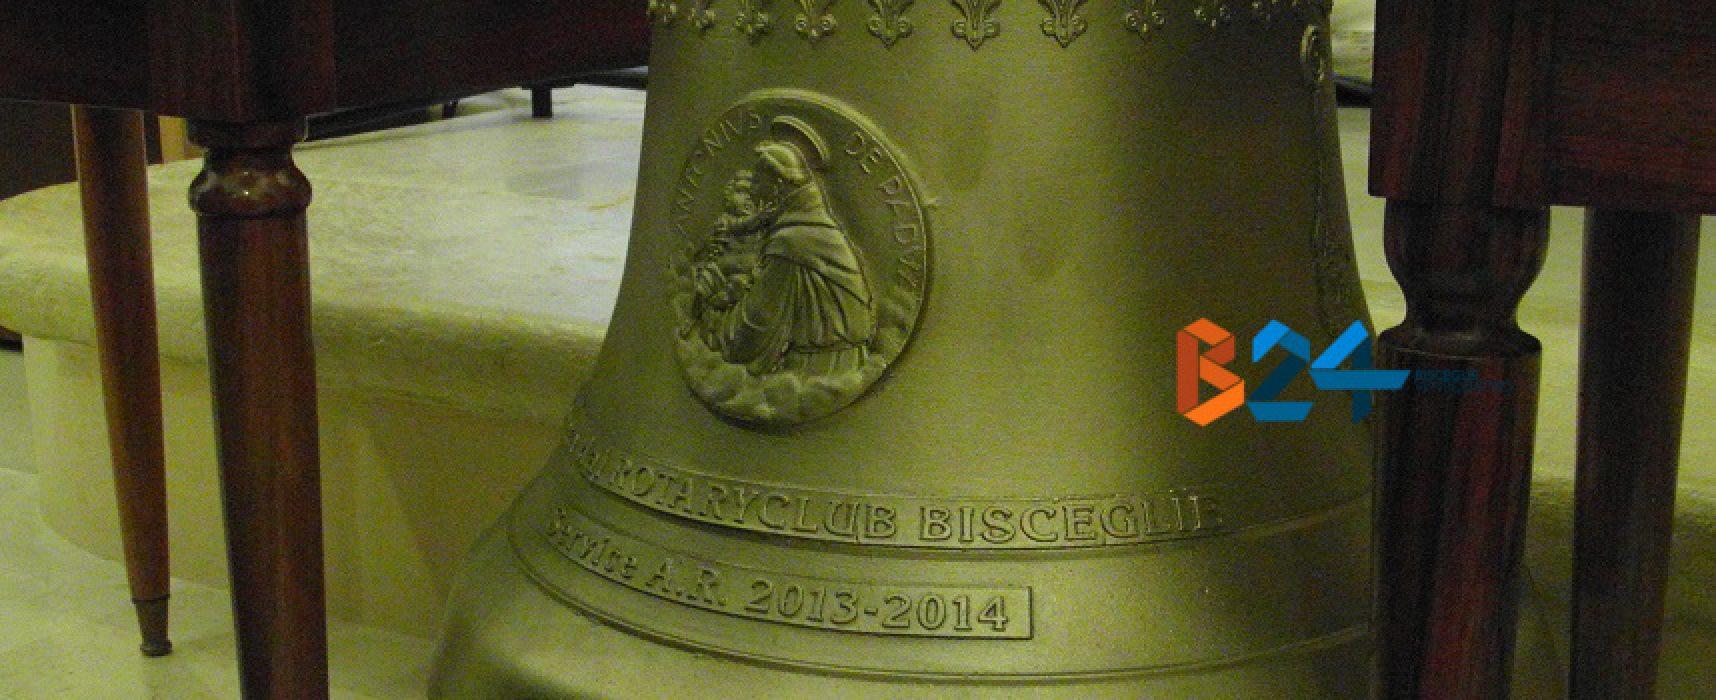 Il Rotary club di Bisceglie dona una campana alla chiesa del Santissimo Salvatore